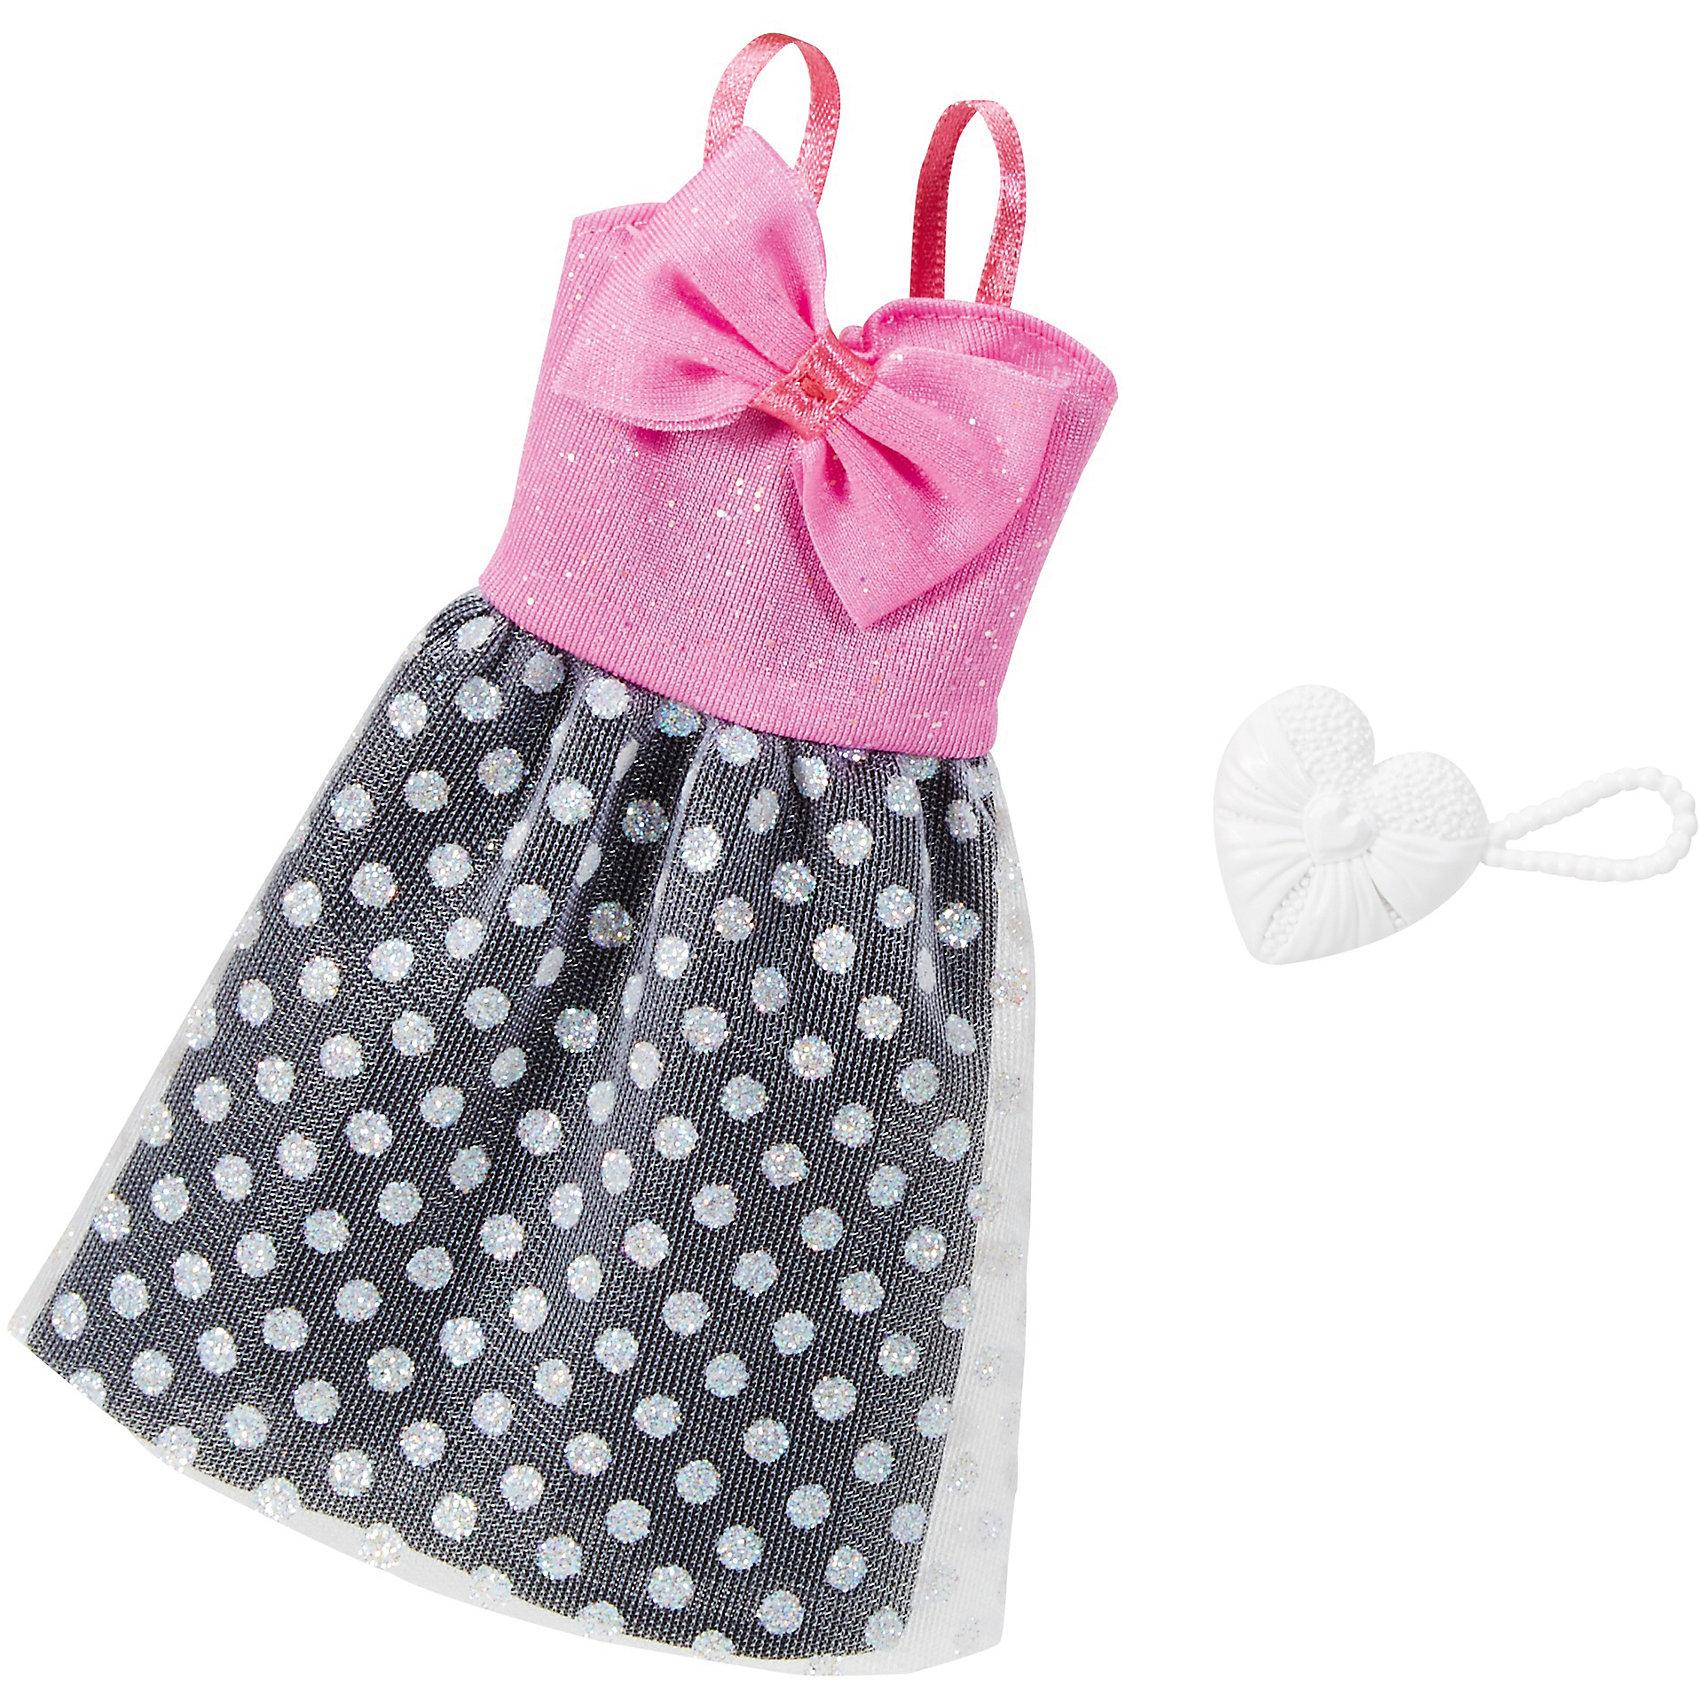 Одежда для кукол Barbie Игра с модой - Праздничное платьеКукольная одежда и аксессуары<br>Характеристики товара:<br><br>• возраст от 3 лет;<br>• материал: текстиль;<br>• в комплекте: платье, аксессуары;<br>• размер упаковки 25,7х11,6х1,2 см;<br>• вес упаковки 26 гр.;<br>• страна производитель: Китай.<br><br>Универсальное праздничное платье для Barbie Mattel создаст новый яркий образ для любимой куколки Барби. Яркое платье с розовым бантом и юбочкой в горошек дополнено стильными аксессуарами для создания неповторимого образа. Платье универсальное и подходит для всех кукол Барби. Изготовлено платье из качественных материалов без использования вредных красителей.<br><br>Универсальное праздничное платье для Barbie Mattel можно приобрести в нашем интернет-магазине.<br><br>Ширина мм: 257<br>Глубина мм: 116<br>Высота мм: 12<br>Вес г: 26<br>Возраст от месяцев: 36<br>Возраст до месяцев: 72<br>Пол: Женский<br>Возраст: Детский<br>SKU: 6680132